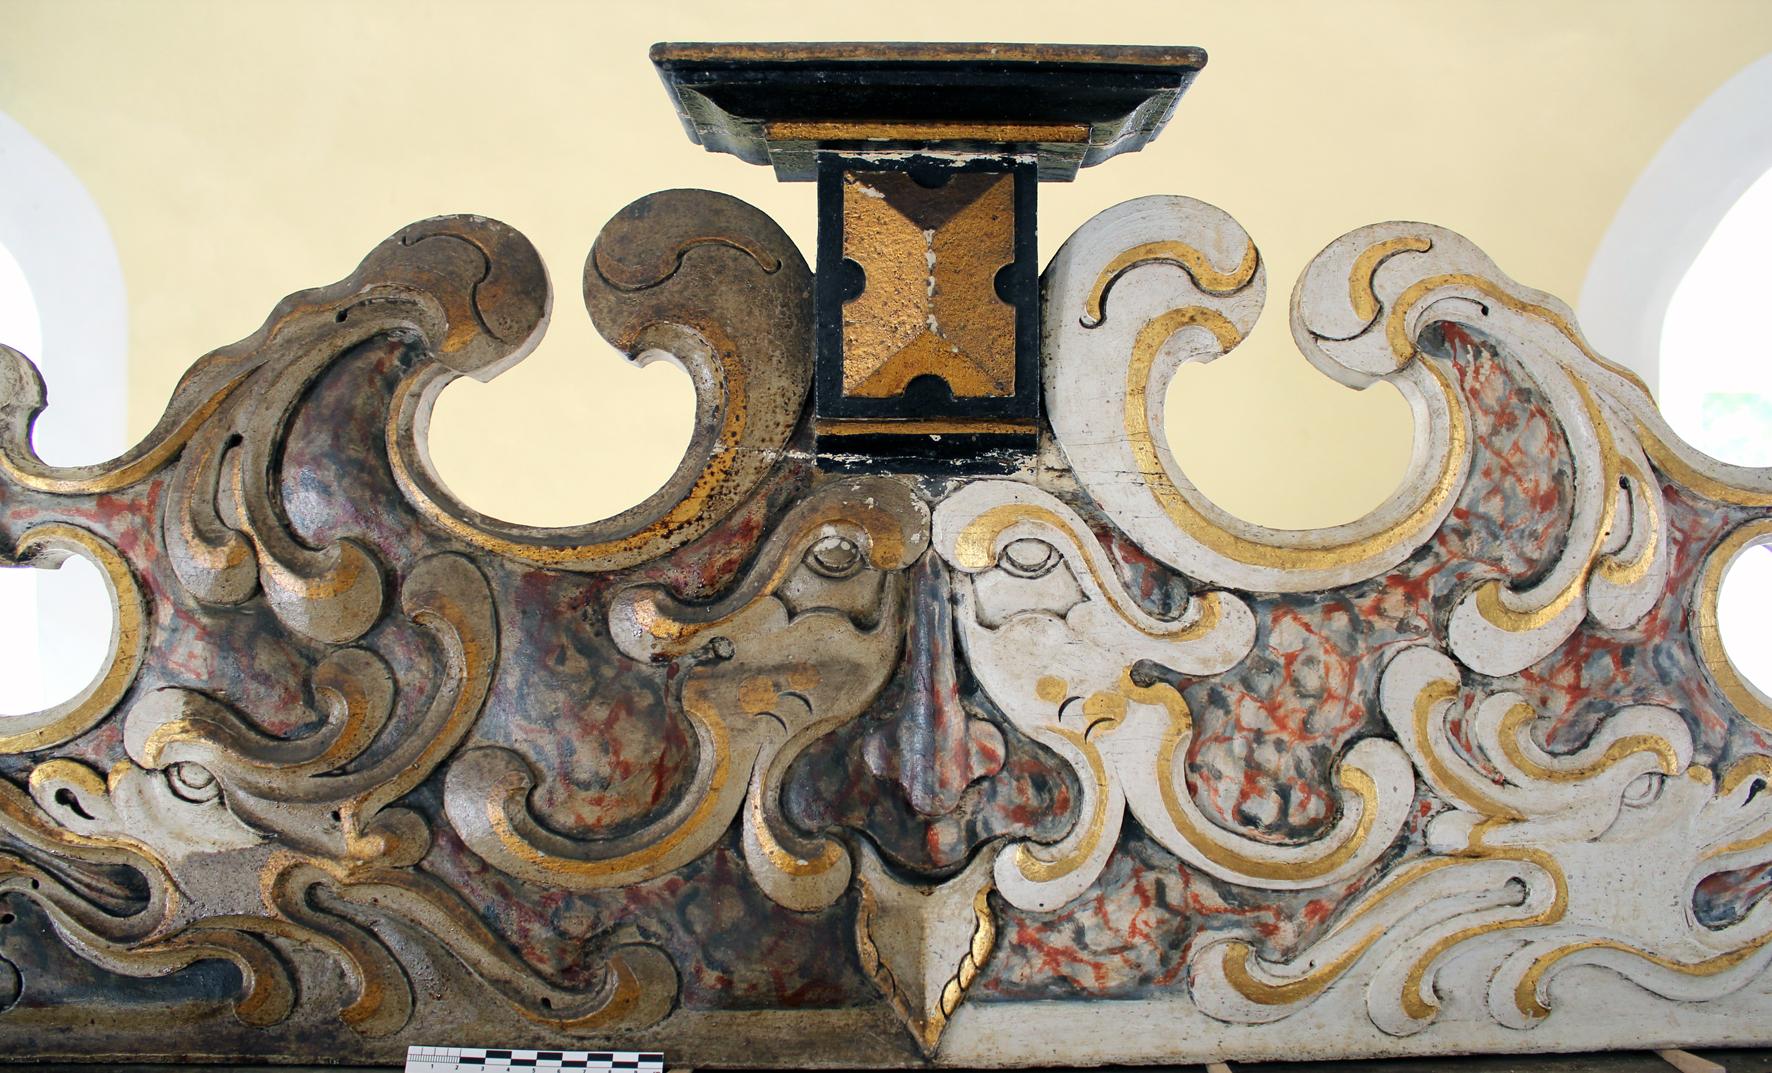 Oberes Verzierungsbrett während der Abnahme der Überzuge, barocker Altaraufsatz, ev. Kirche Volkmarsen-Herbsen